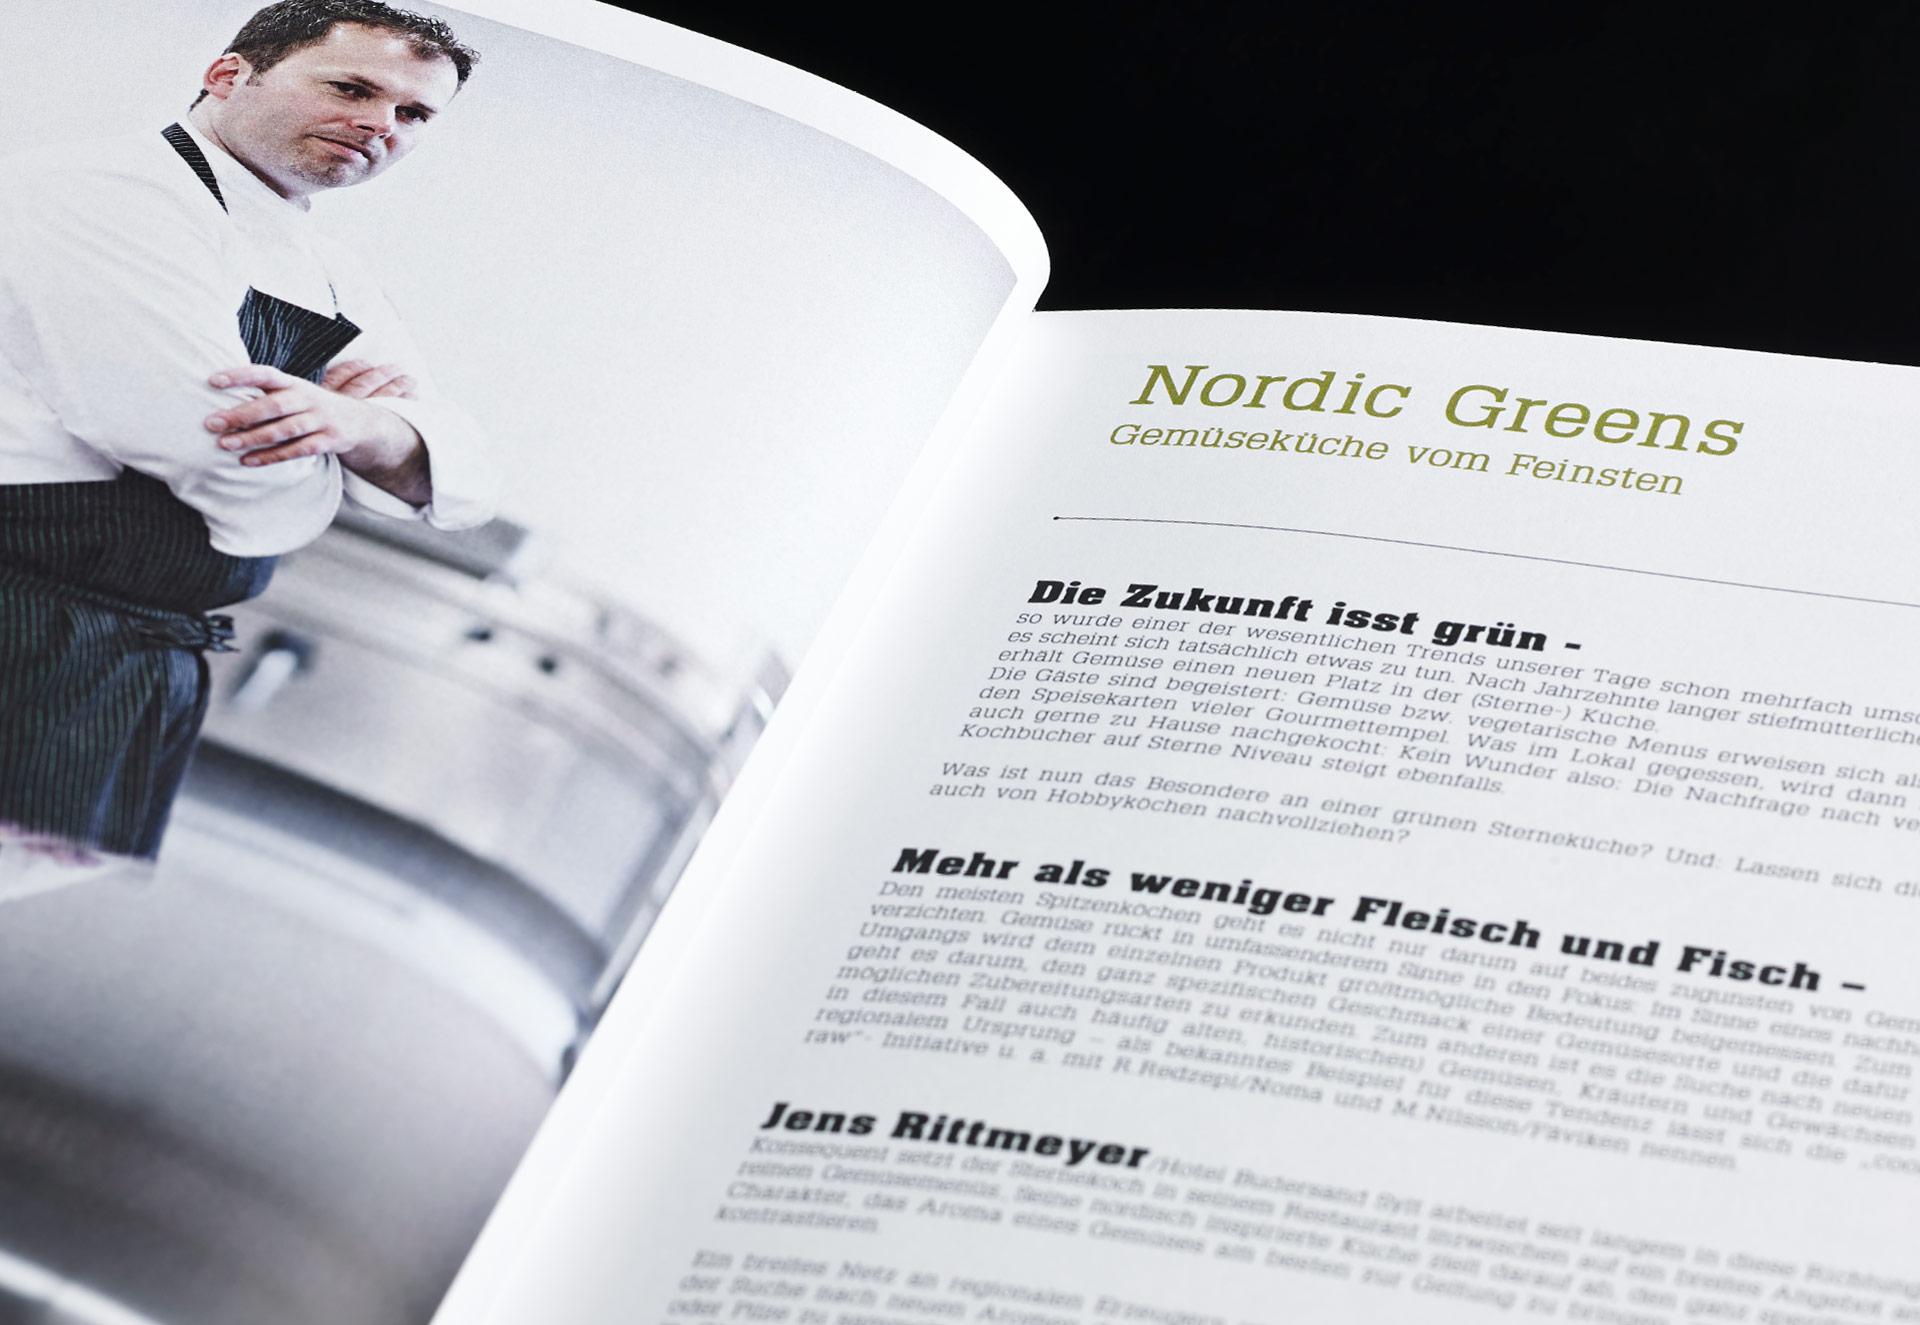 Druckerzeugnisse für die Gastronomie und Hotellerie 14a